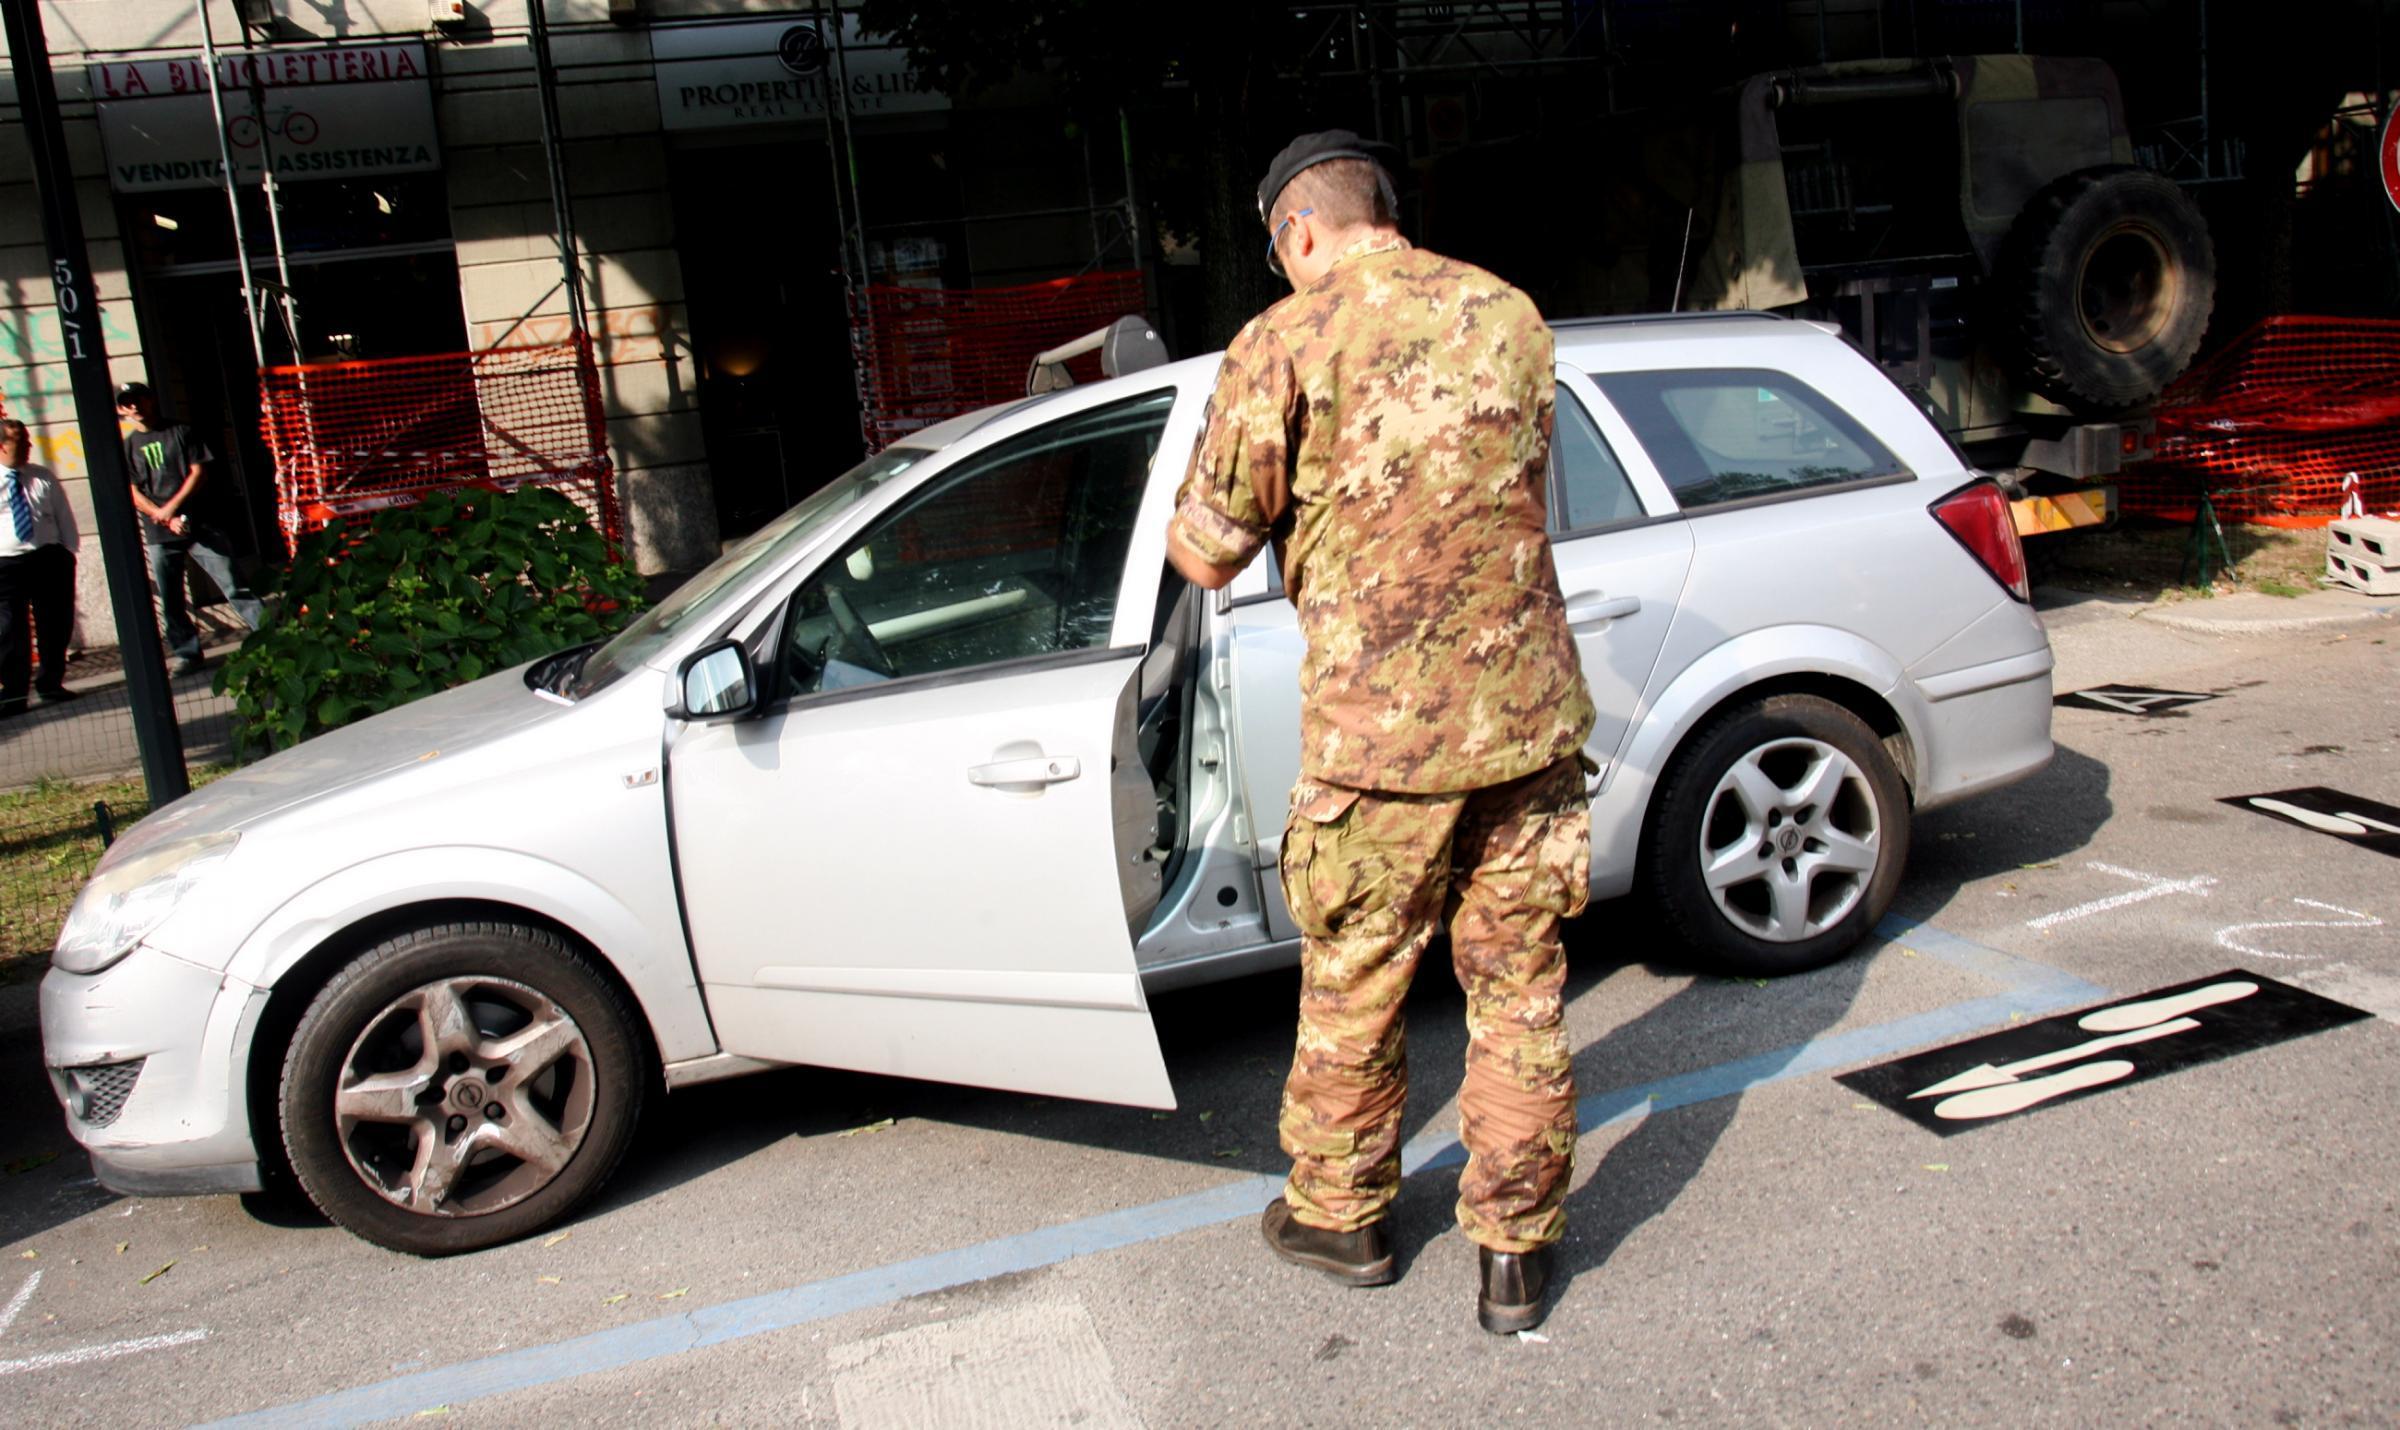 VIDEO Camionetta dell'esercito uccide anziano a Milano